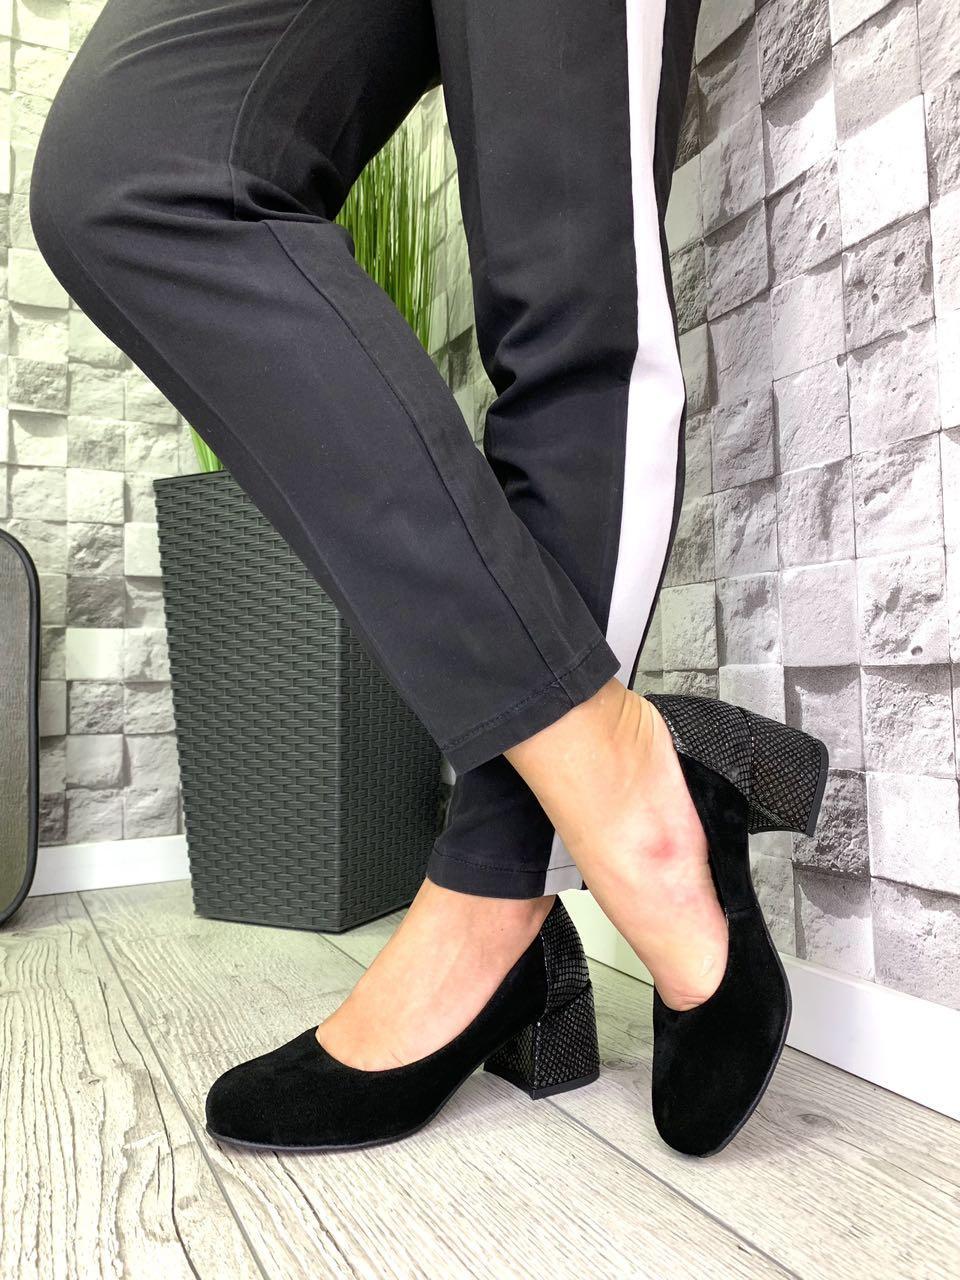 Жіночі закриті туфлі з натуральної замші на підборах Чорний / нікель змія